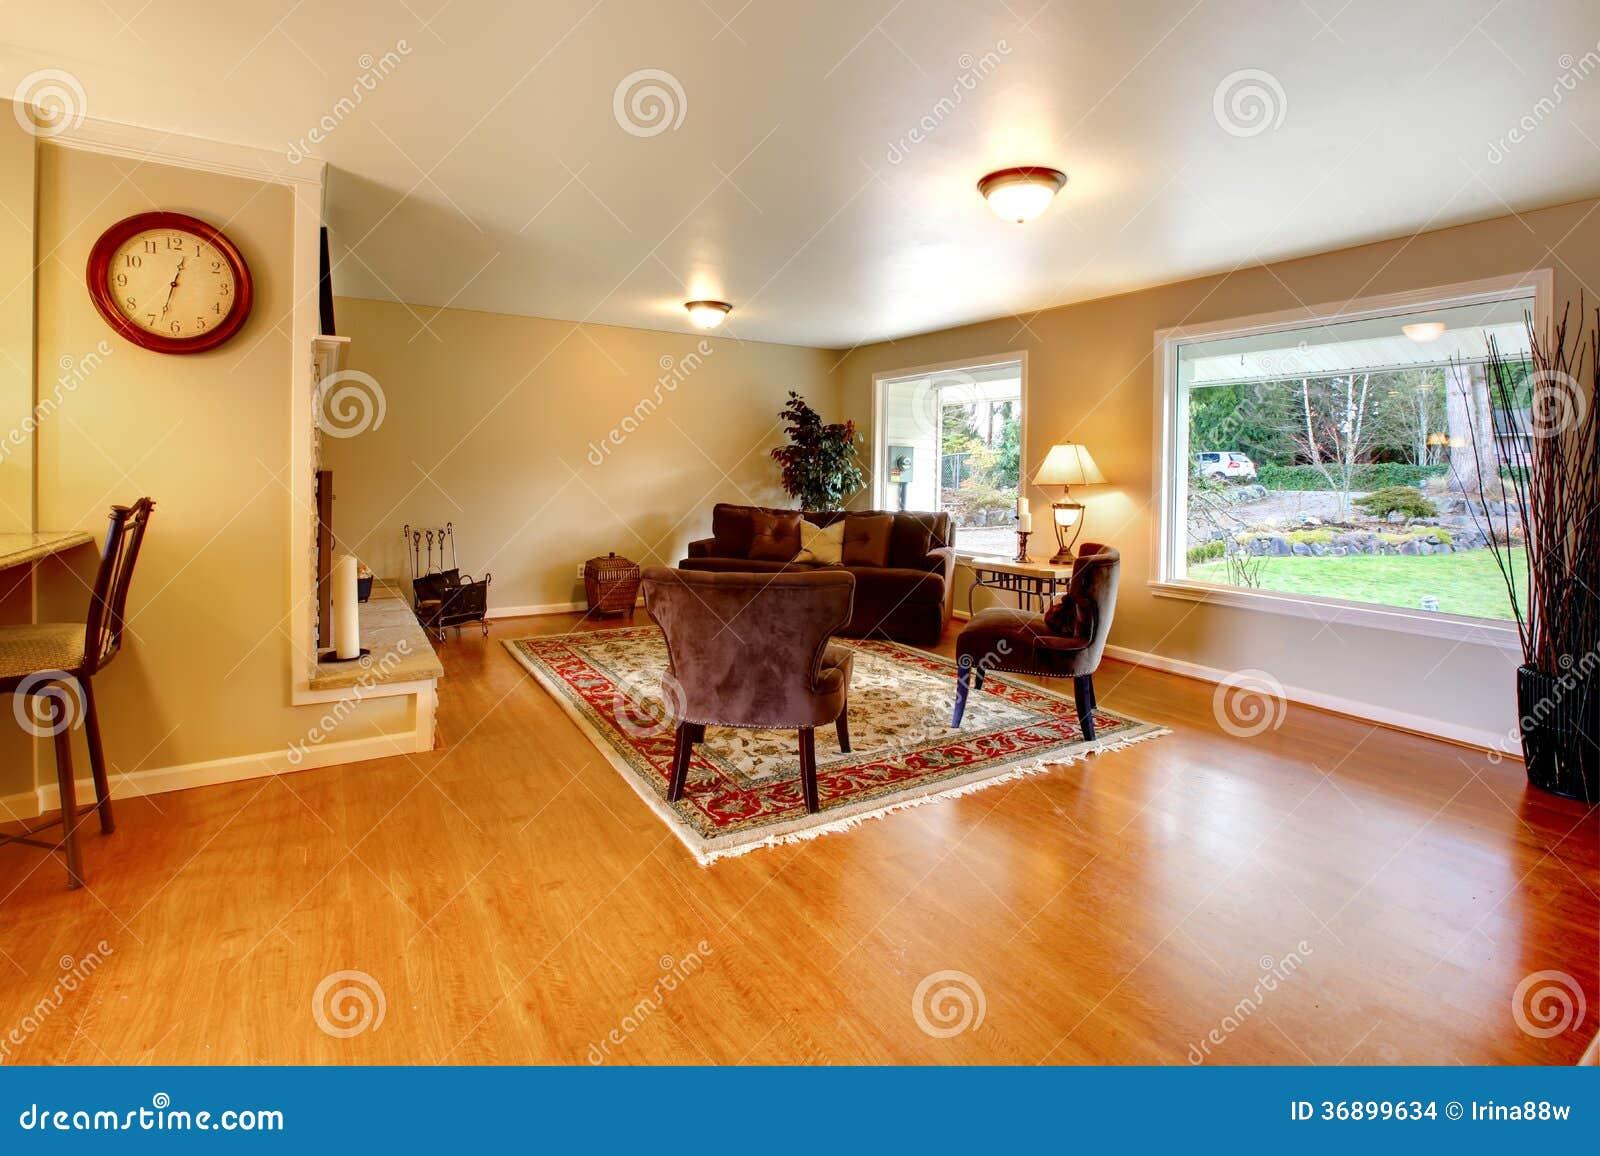 Elegante Warme Farbe Versorgte Wohnzimmer Mit Breiten Fenstern ...